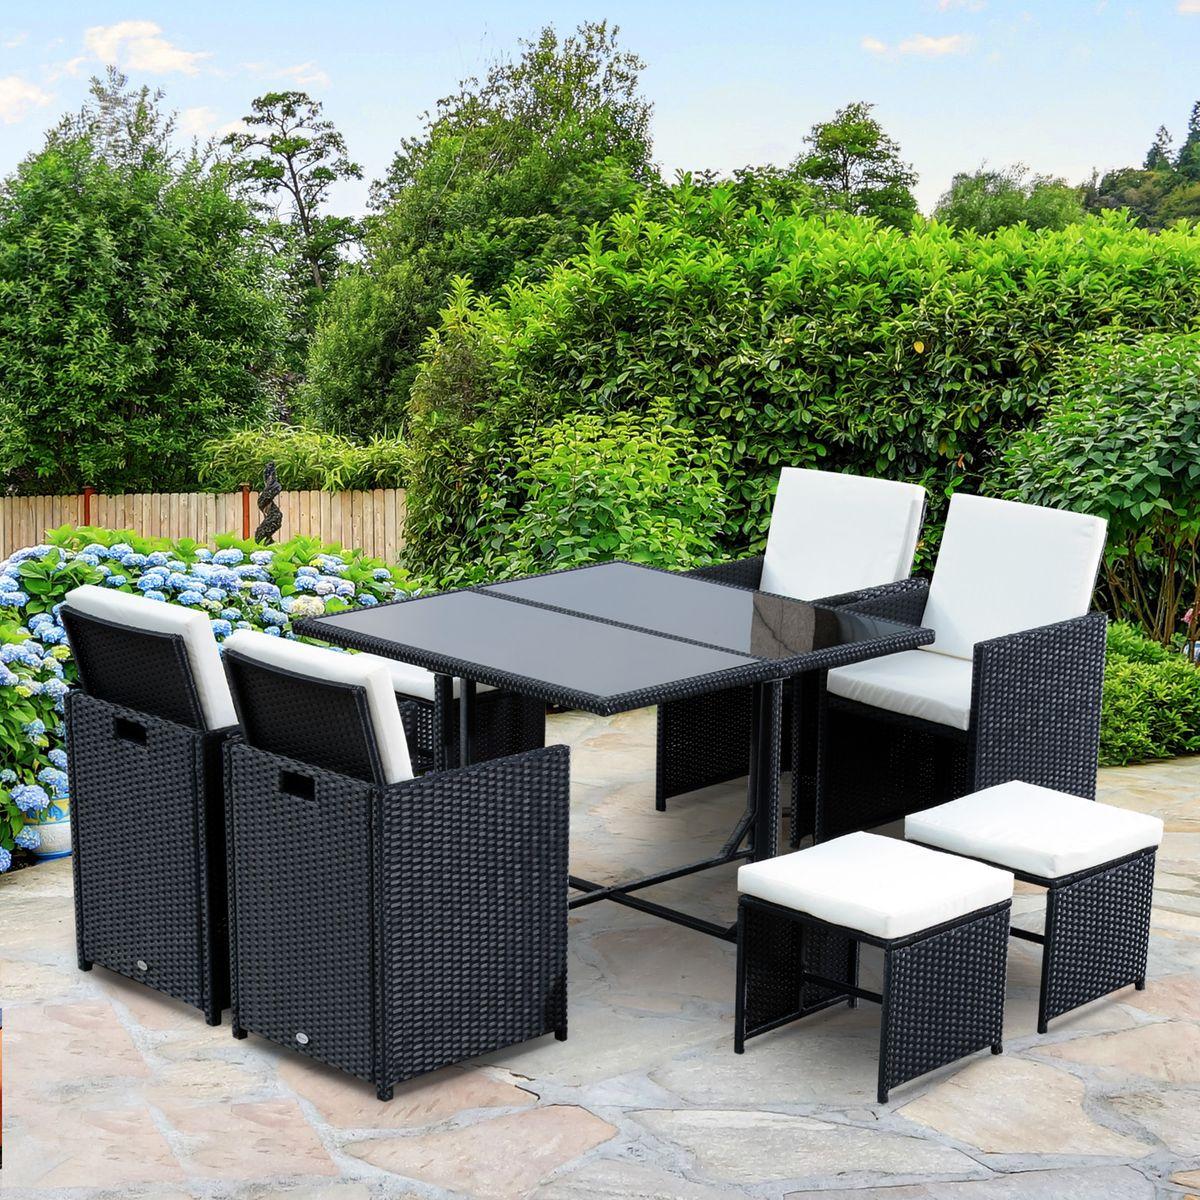 Ensemble Salon De Jardin Encastrable 8 Places Noir Blanc ... intérieur Salon De Jardin Encastrable 8 Places